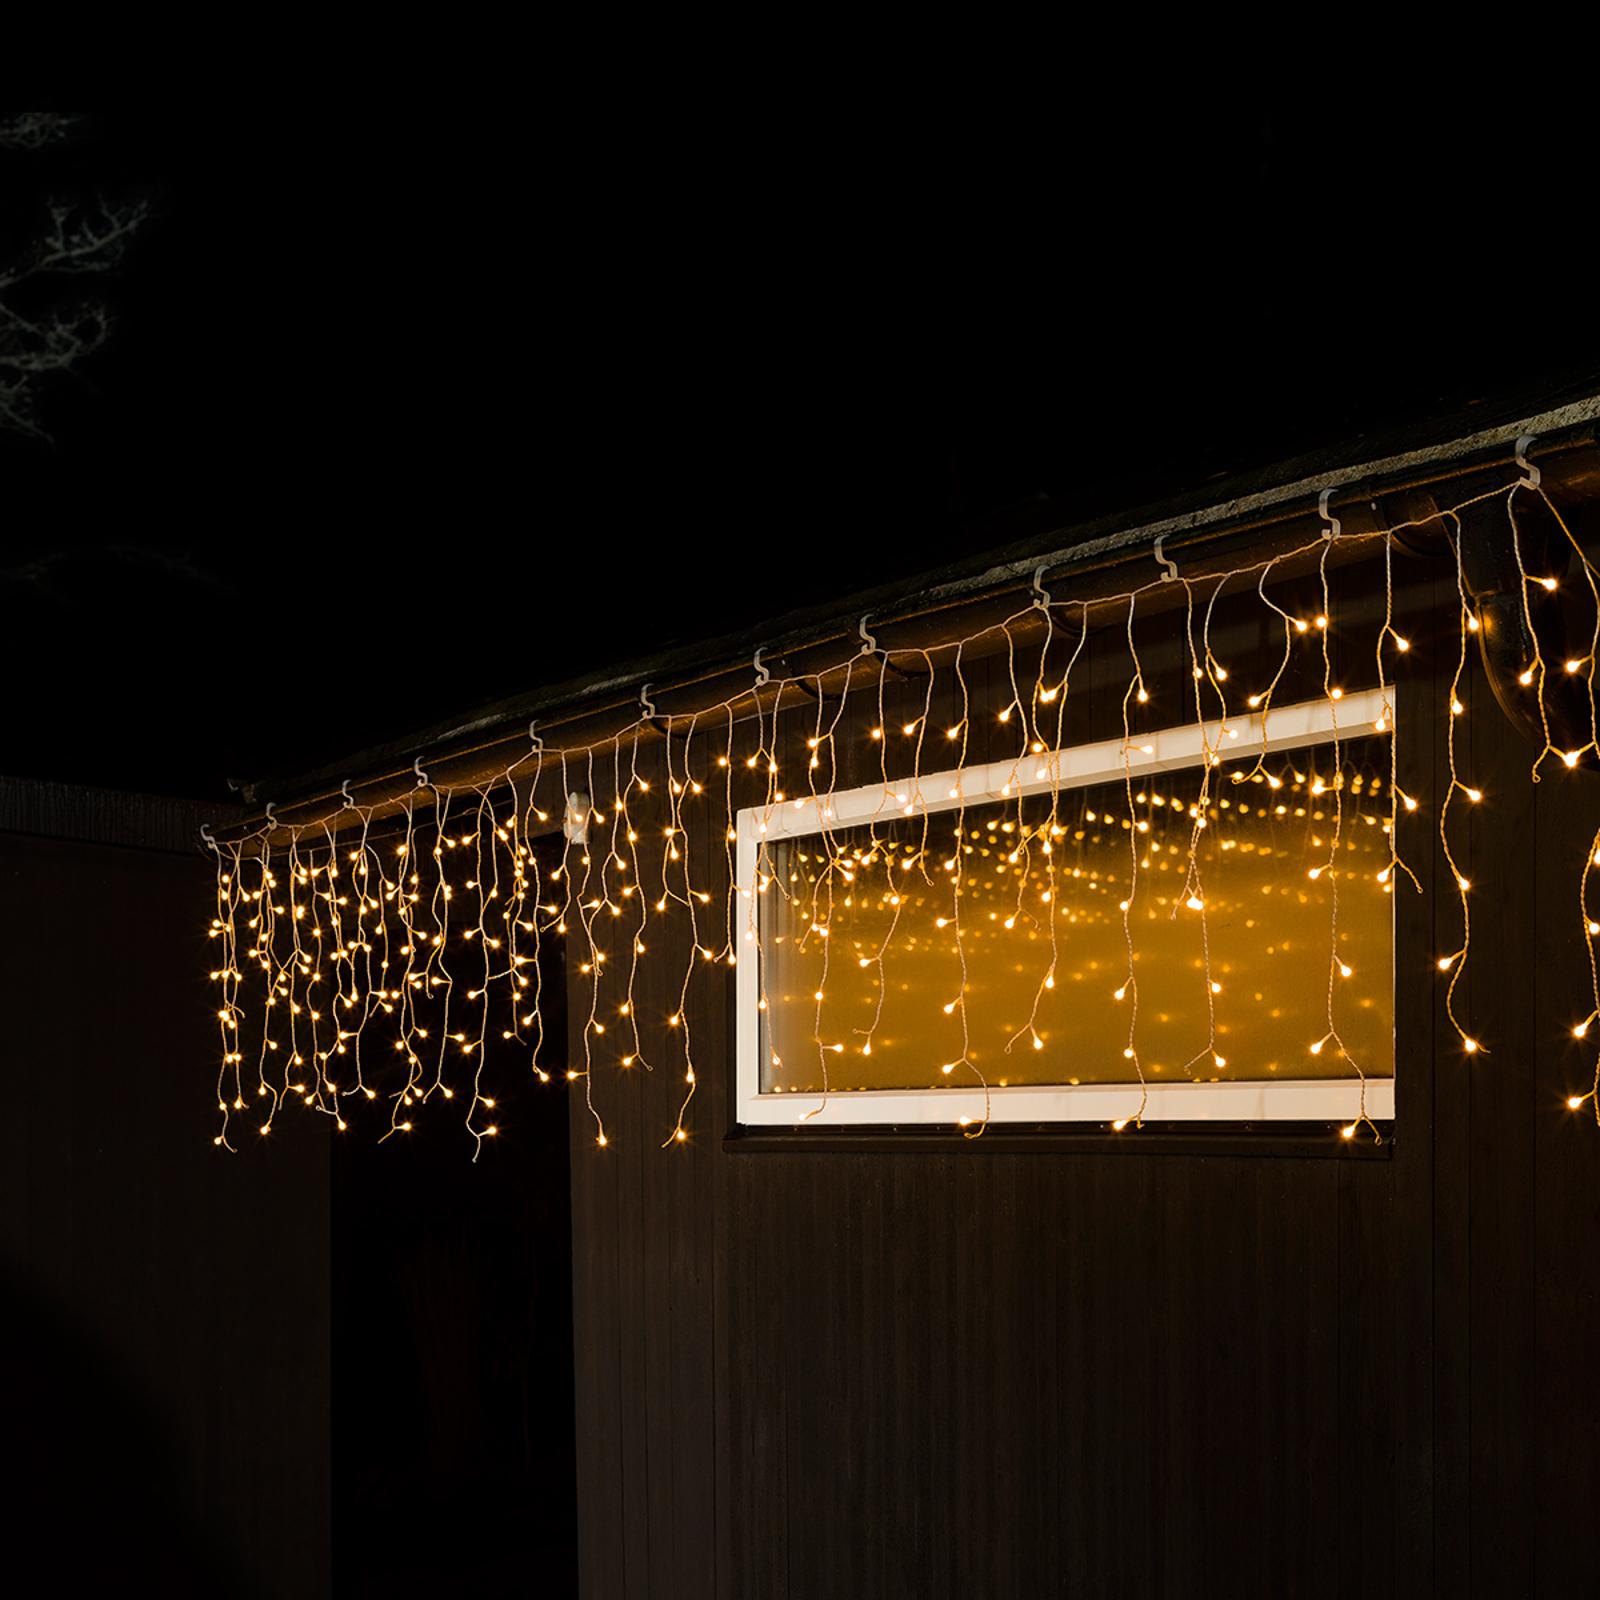 Isregn-LED-lysgardin, 200 lyskilder, udendørs brug